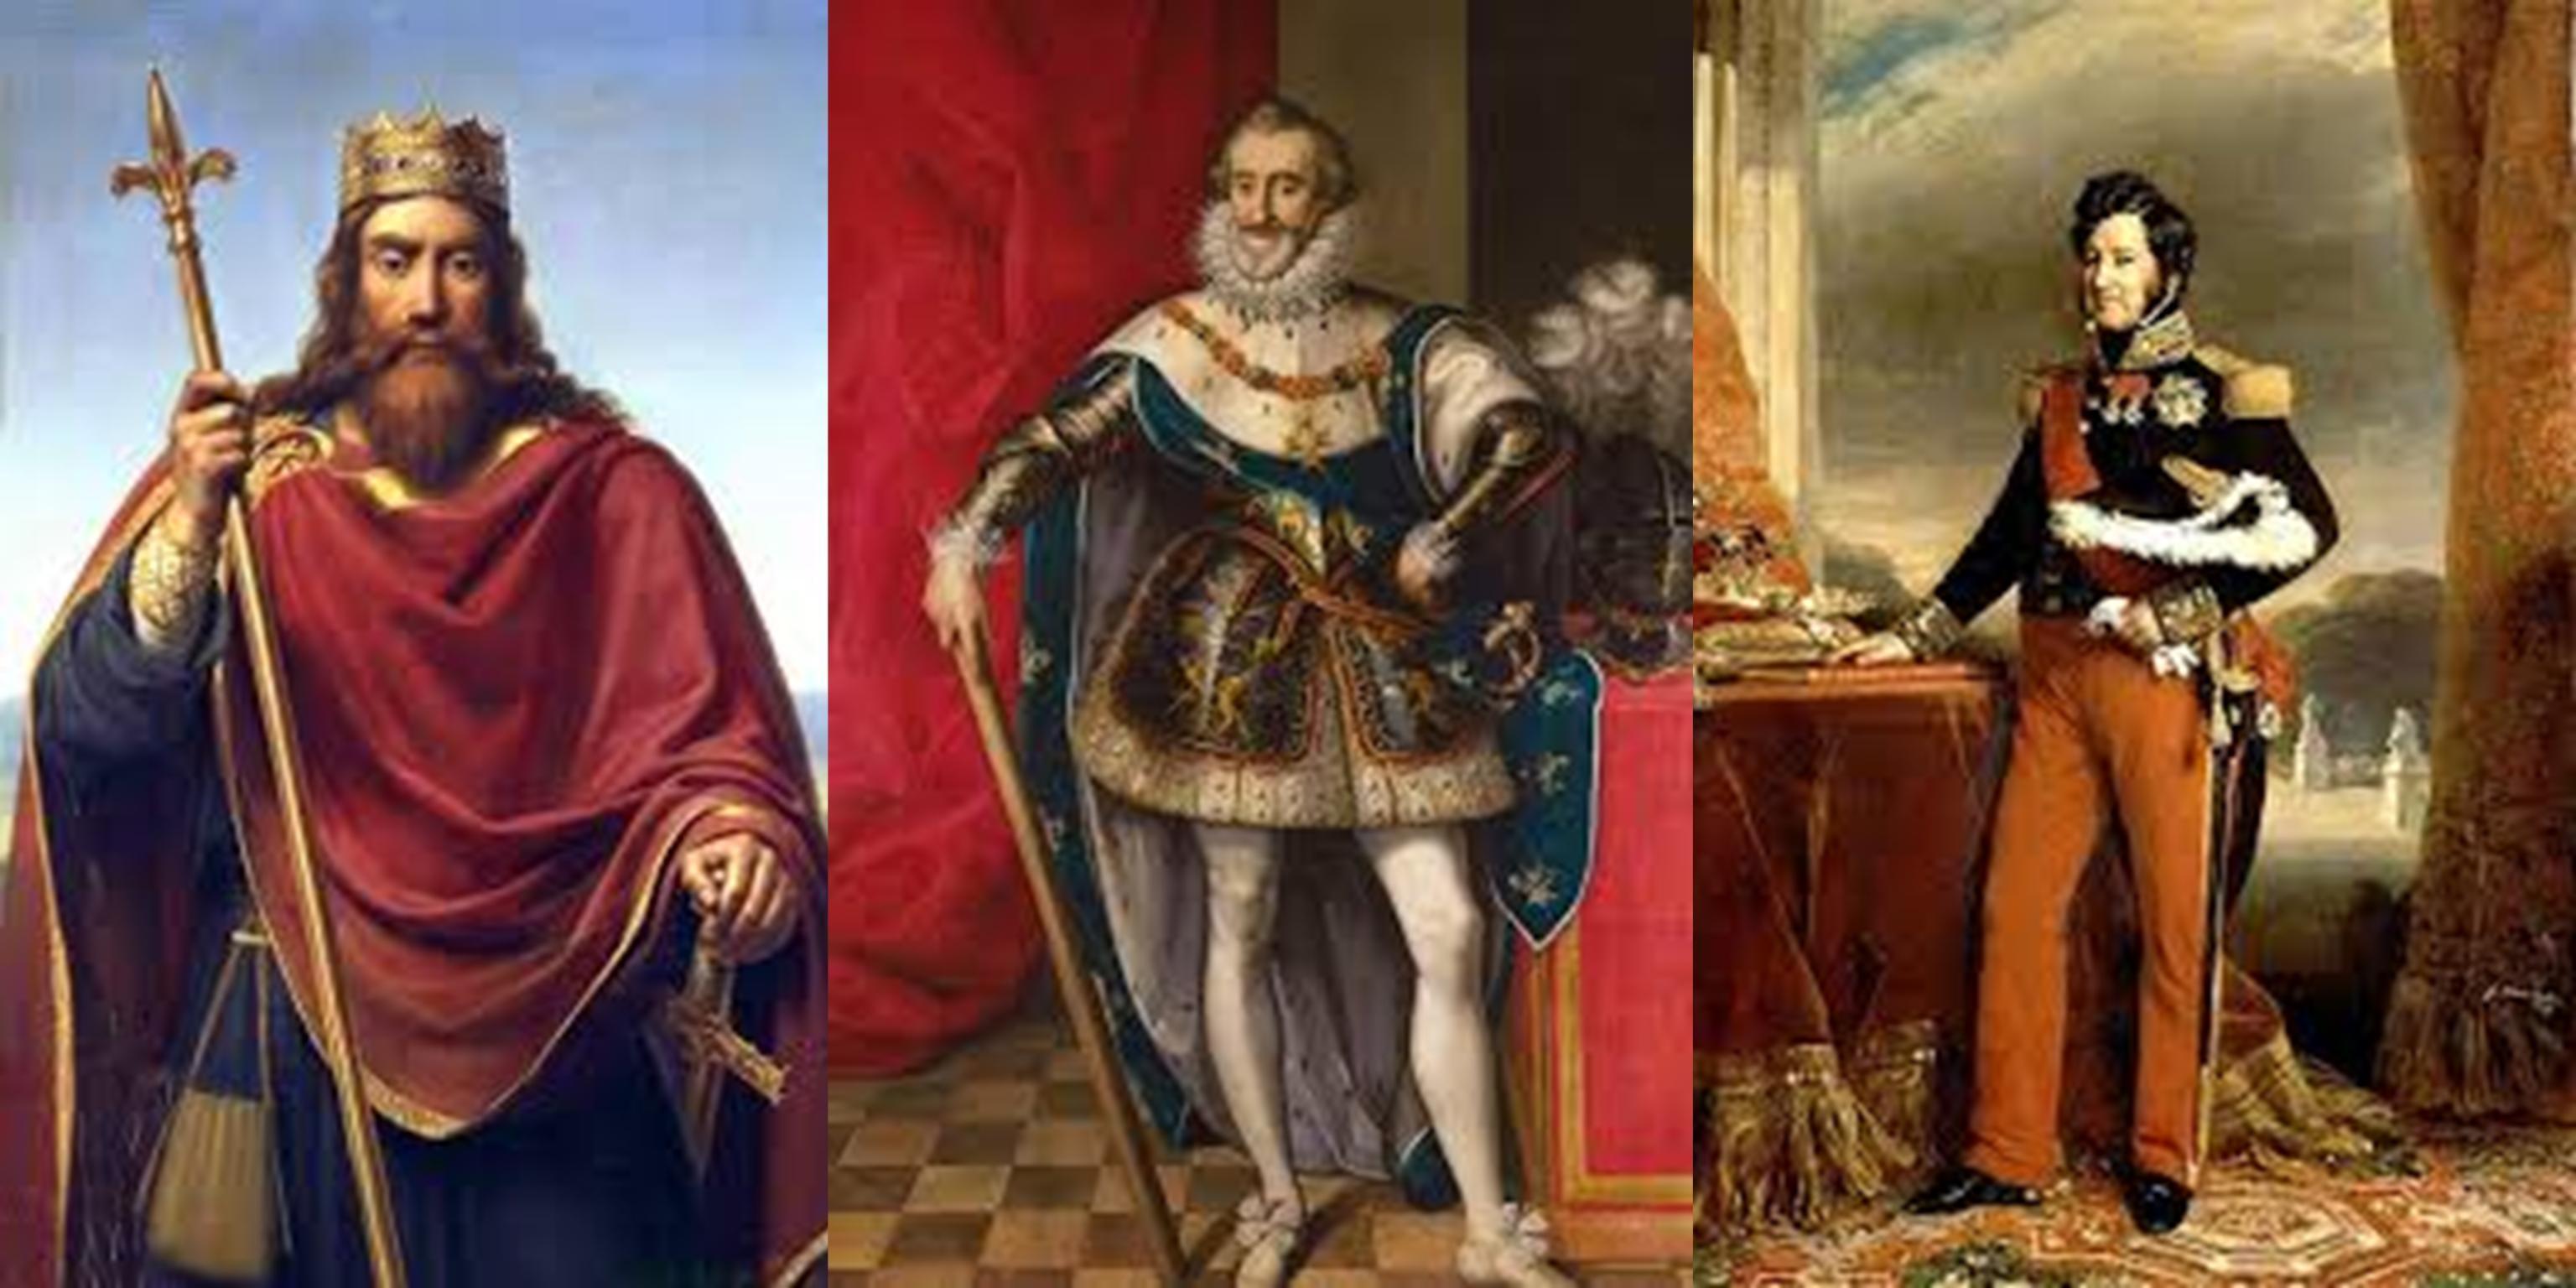 Les rois ; empereurs, présidents en France – Lois fondamentales du royaume !